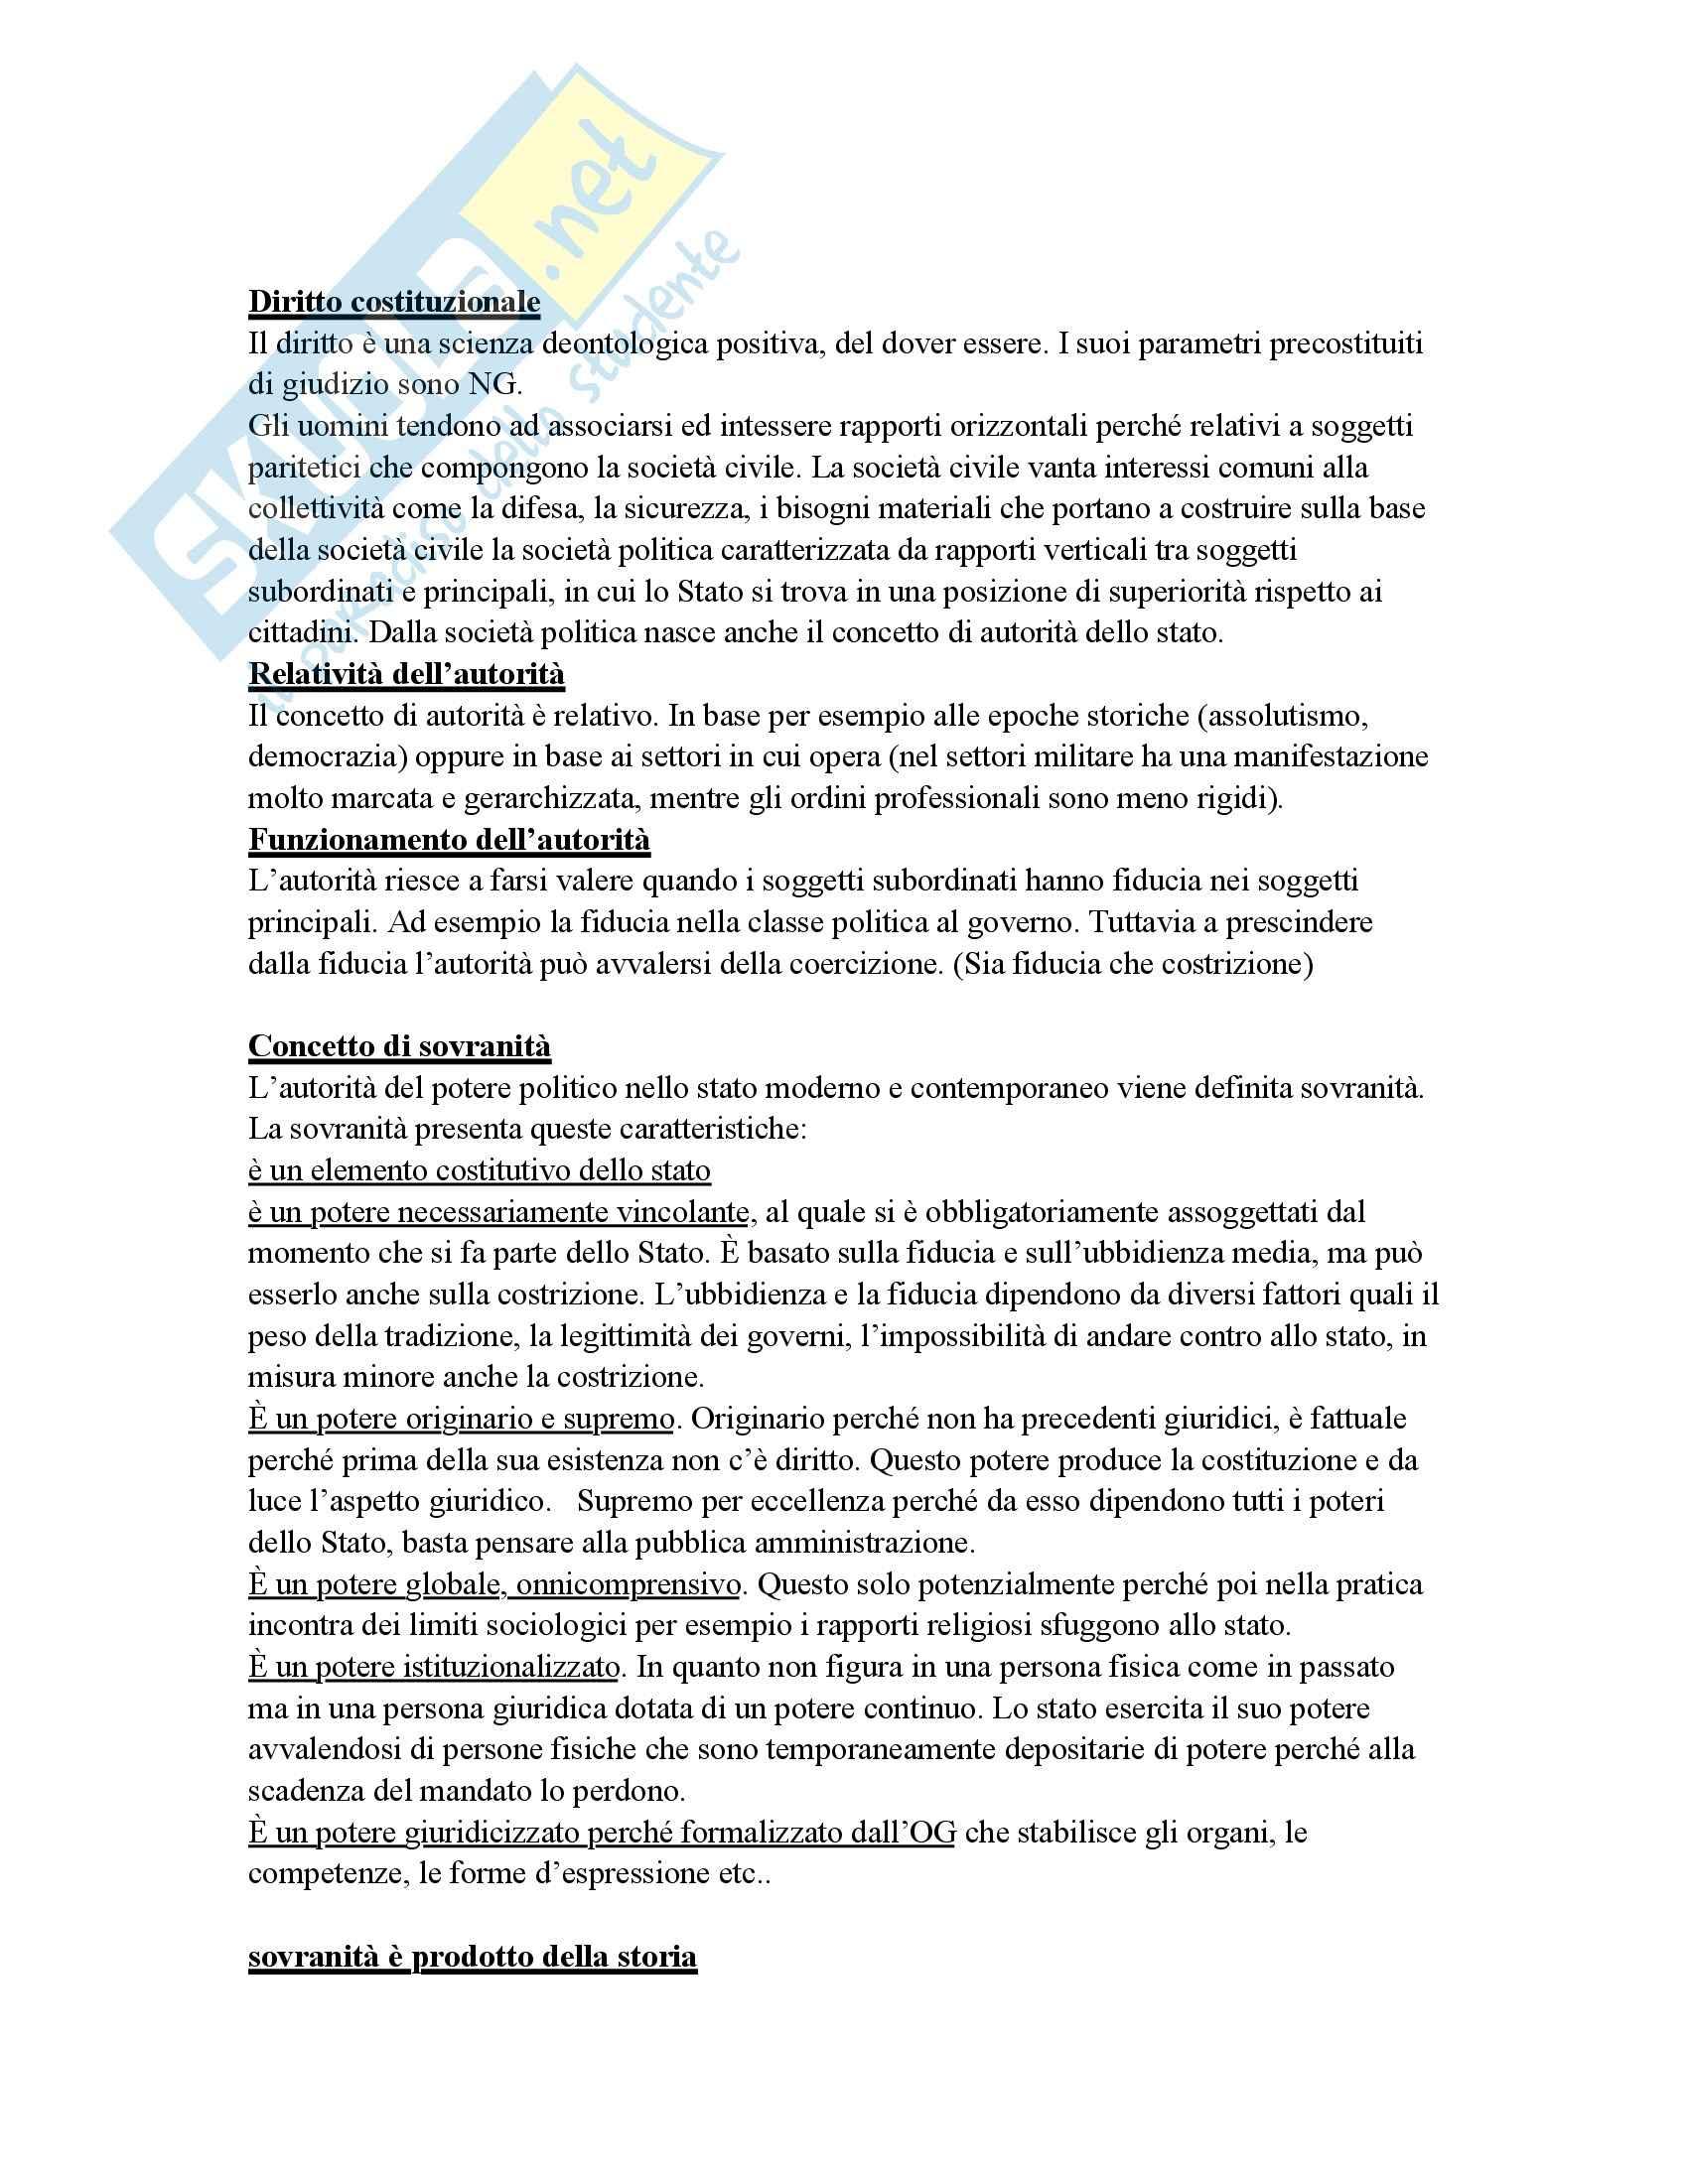 appunto S. Ceccanti Diritto costituzionale italiano e comparato